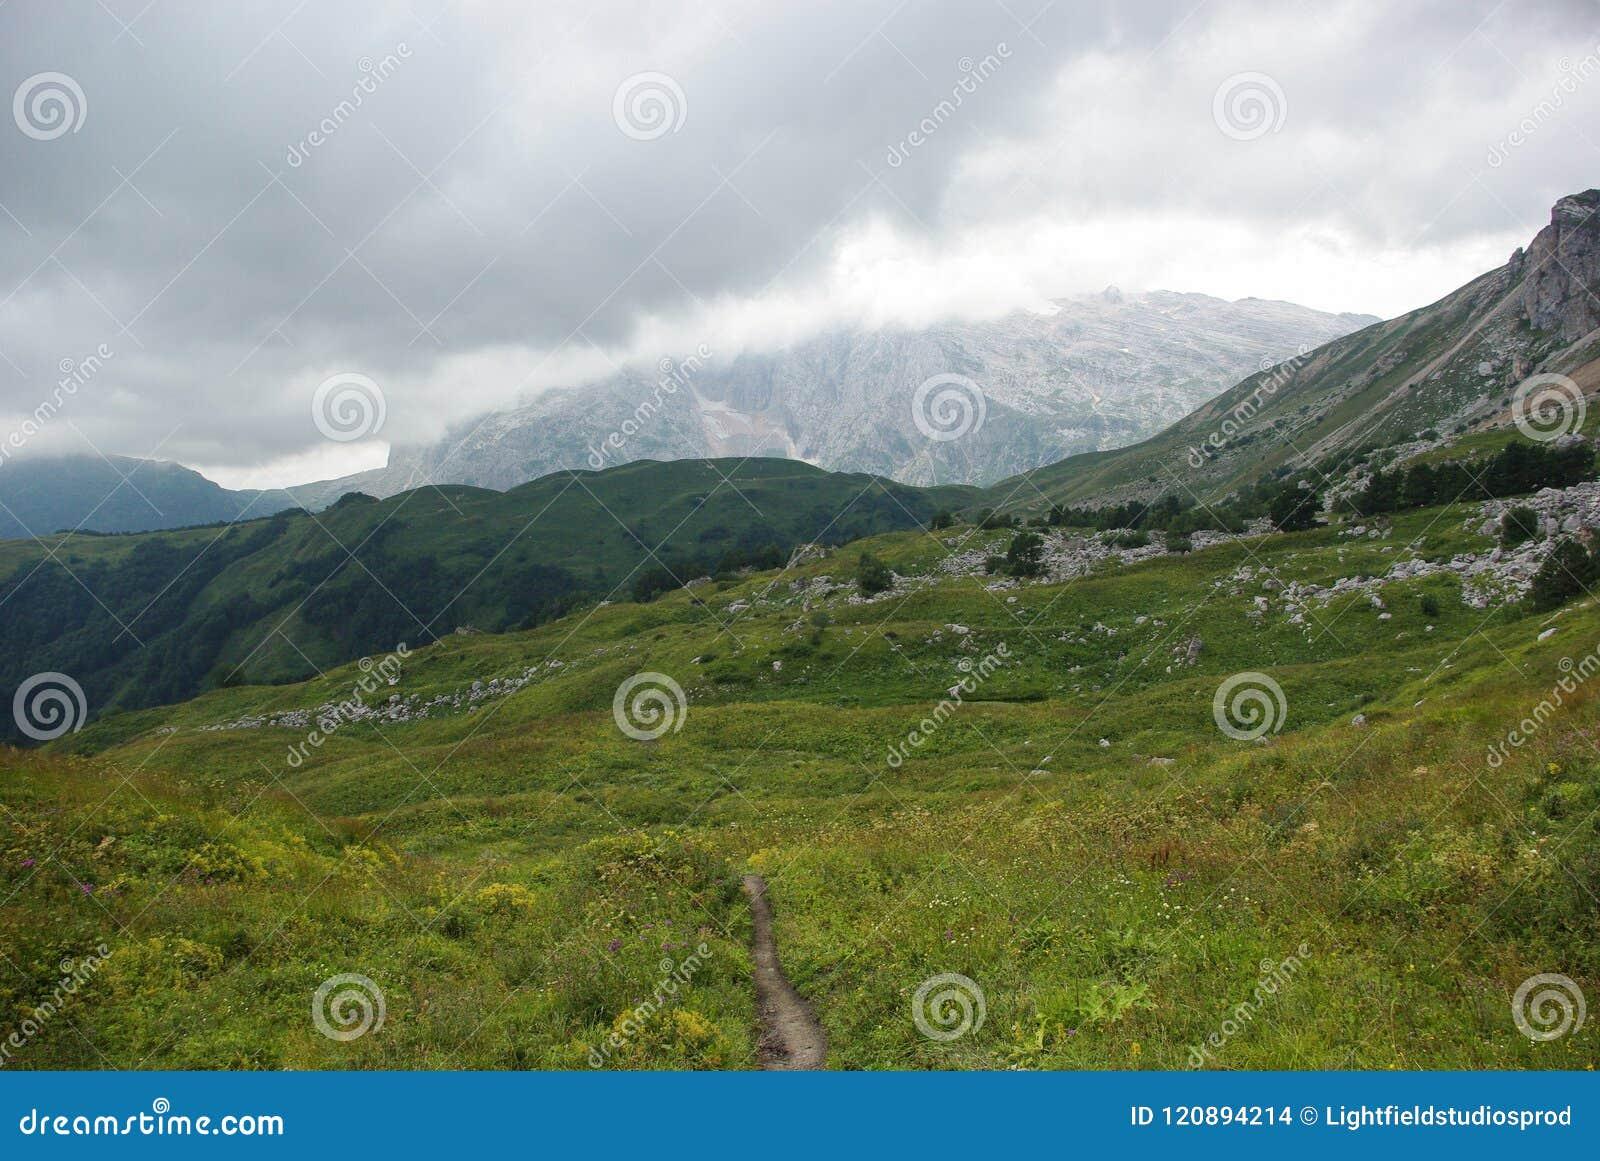 Vue sur le chemin et la vallée, Fédération de Russie, Caucase,